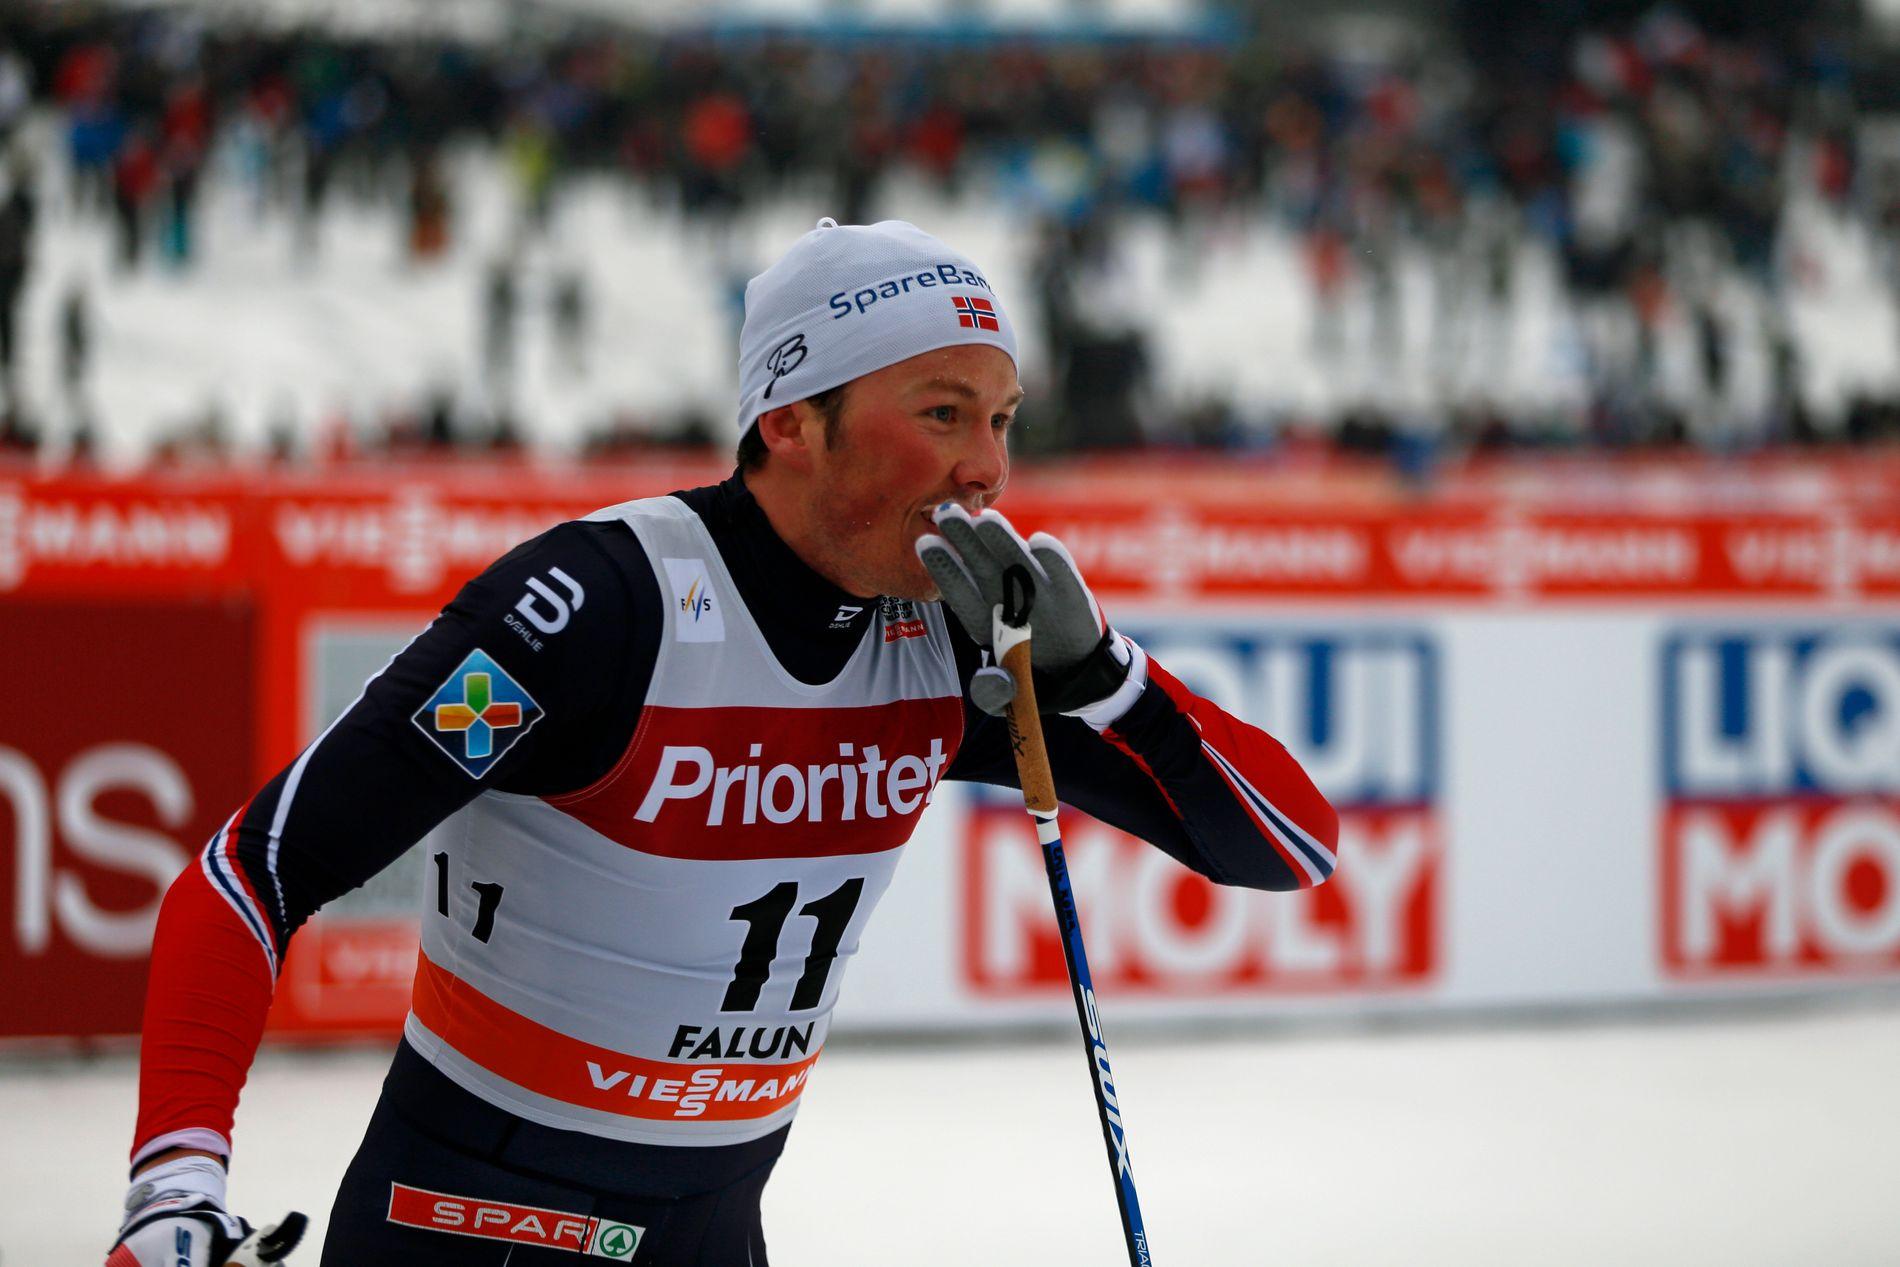 GLAD: Emil Iversen smilte bredt etter at han sikret seieren foran Martin Johnsrud Sundby på tremila i Falun.